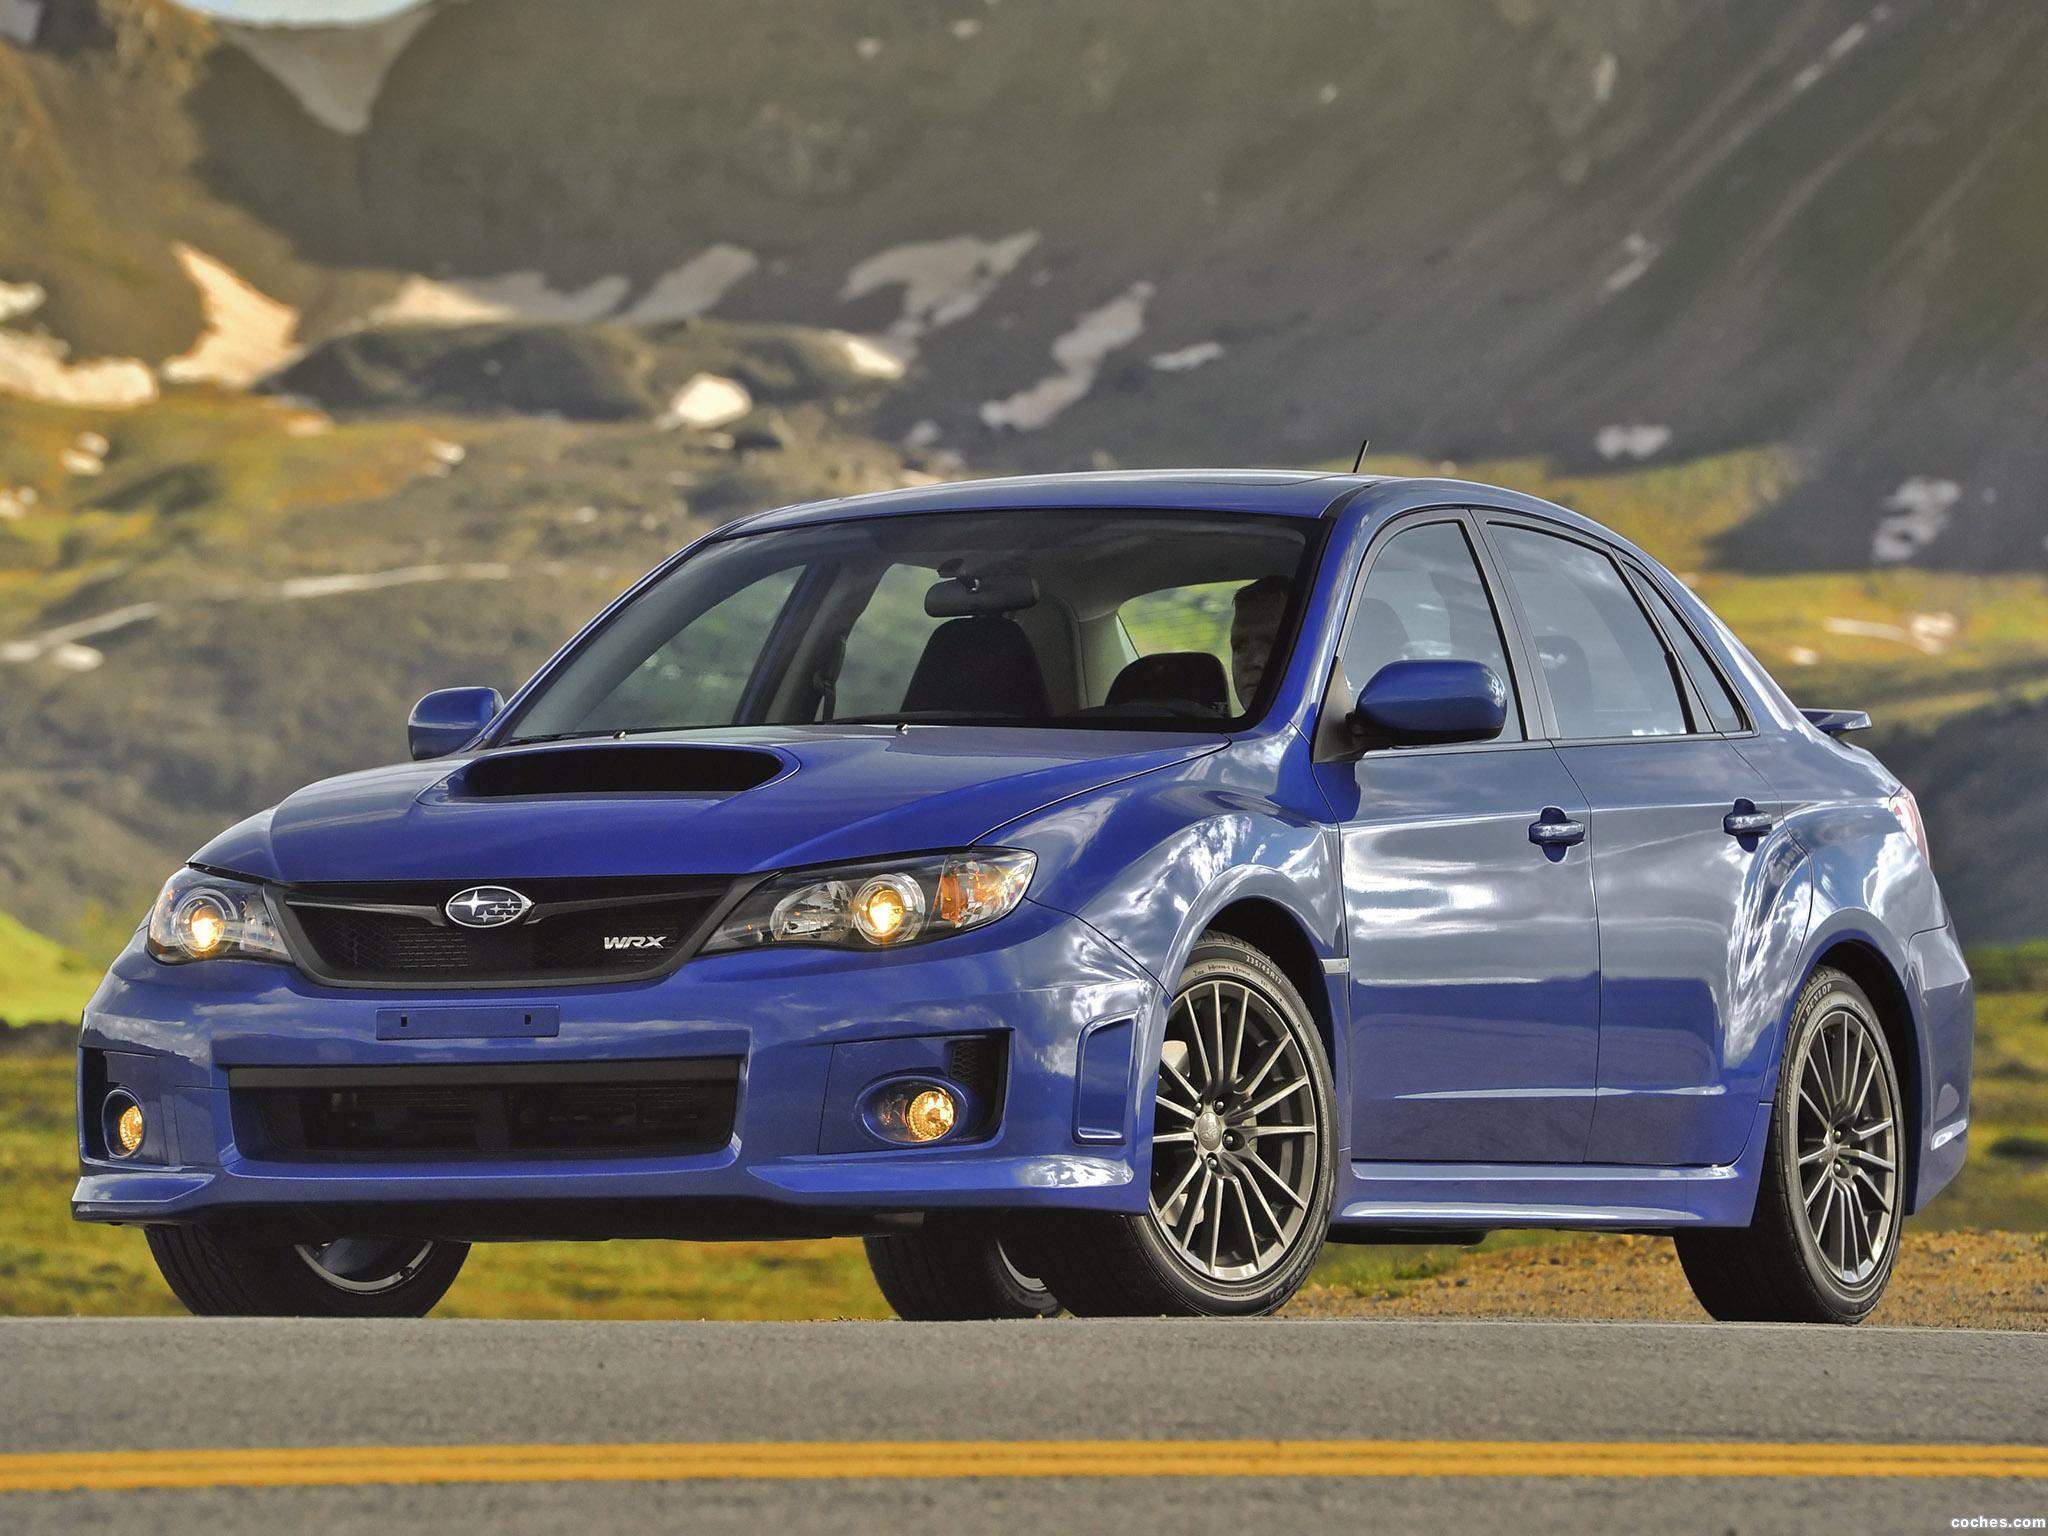 Foto 8 de Subaru Impreza WRX Sedan USA 2010